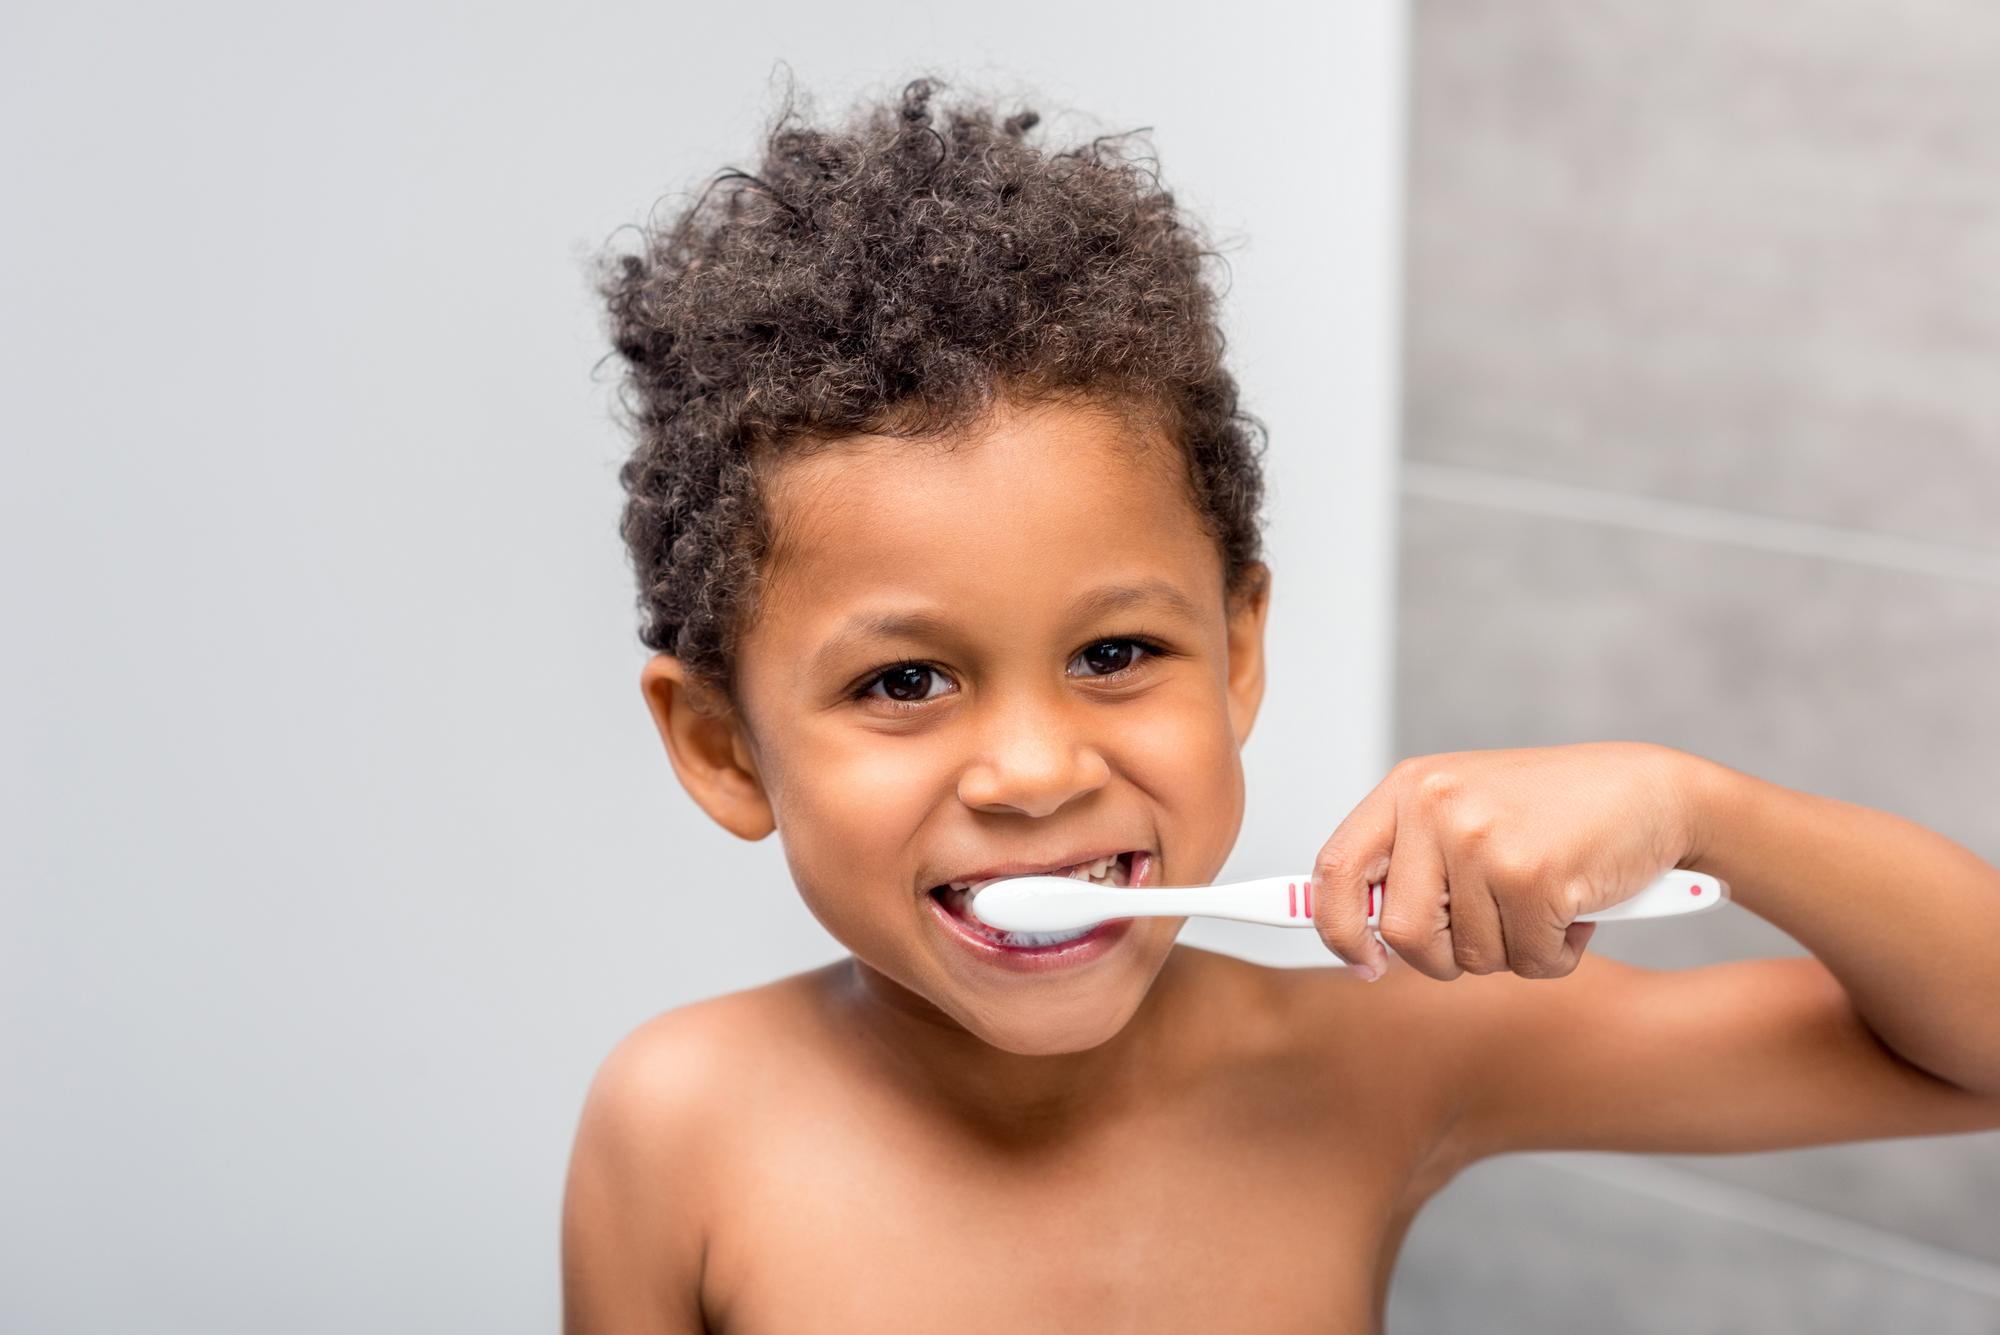 childrens-dentist-in-miami